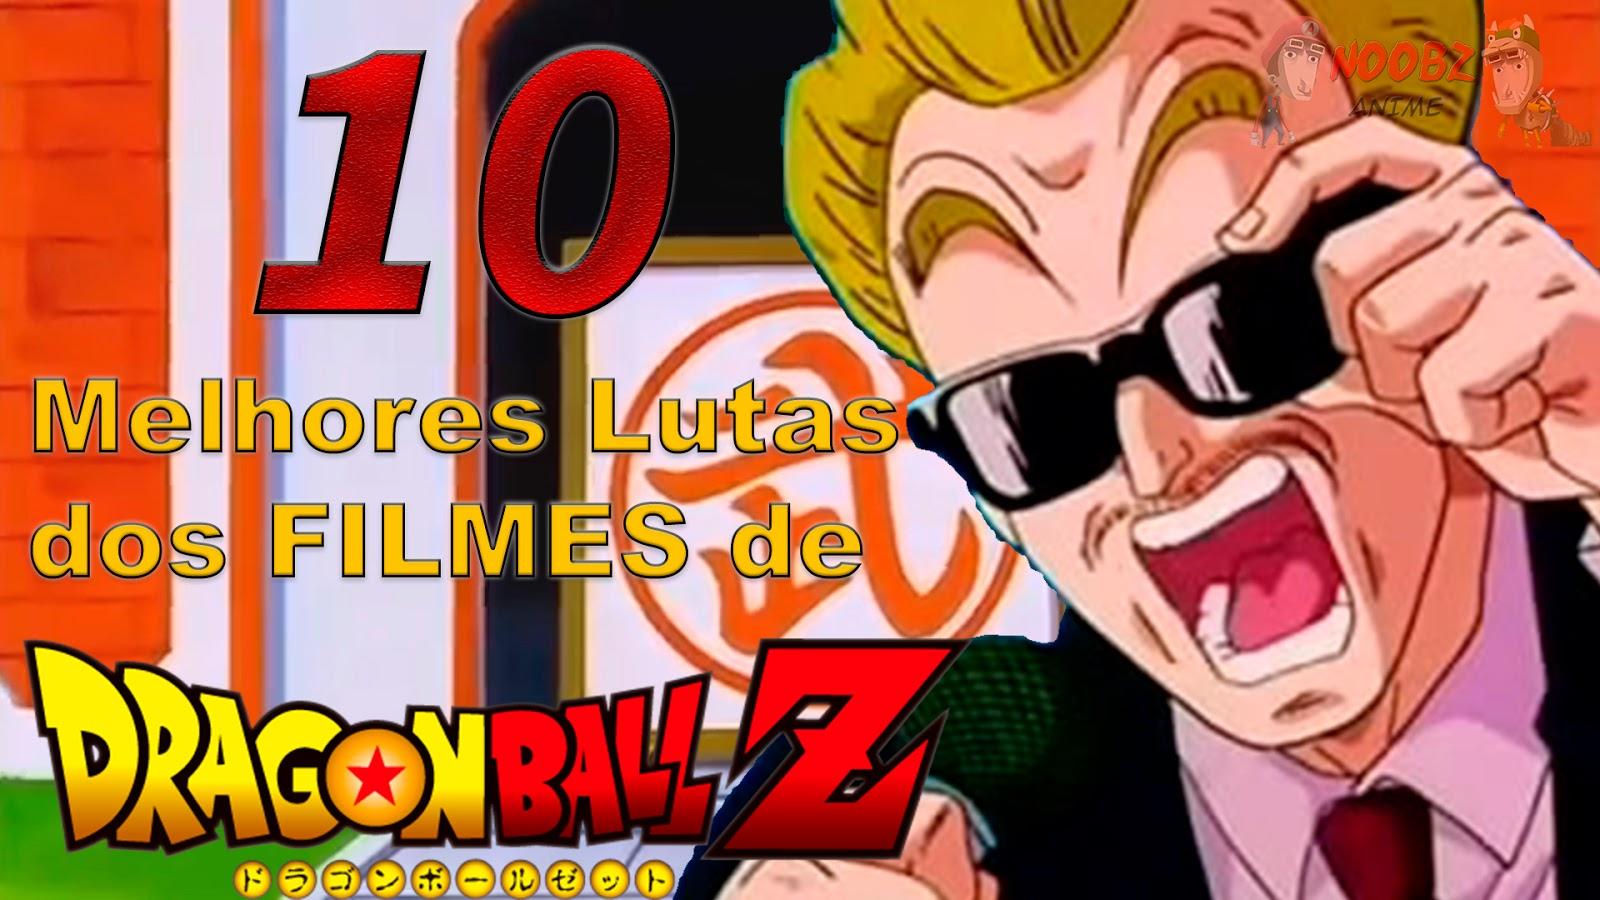 Melhores Lutas Dragon Ball Z